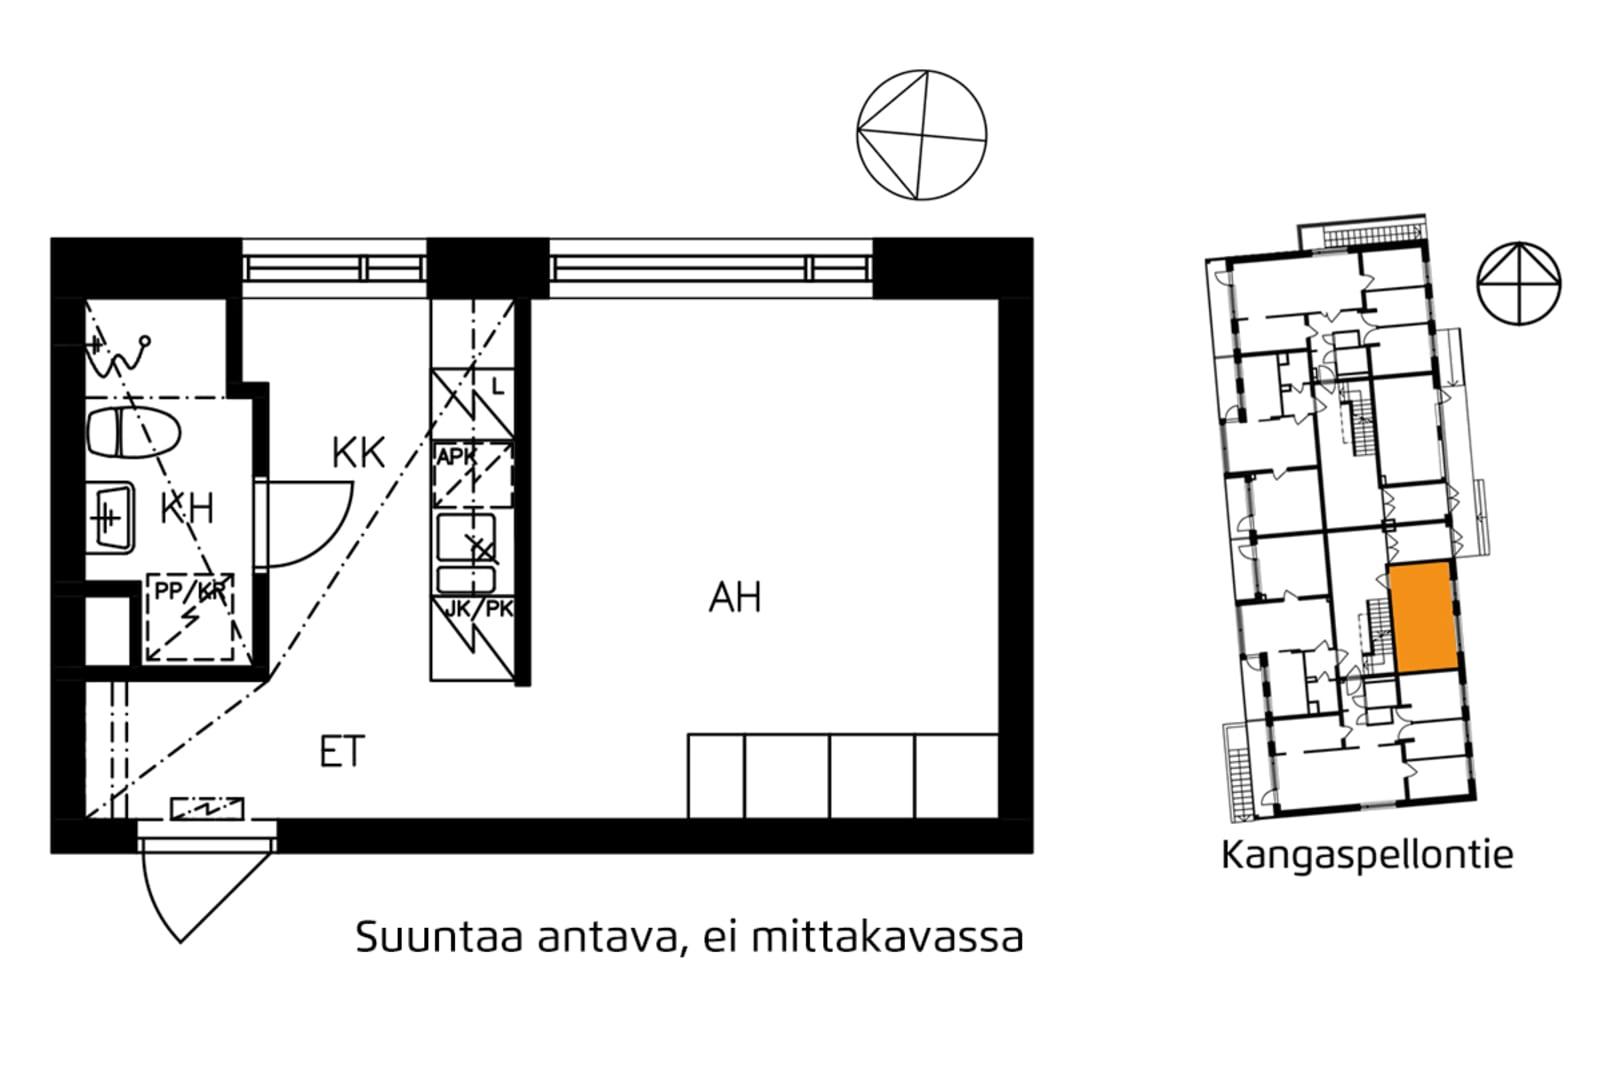 Helsinki, Etelä-Haaga, Kangaspellontie 5 A 001